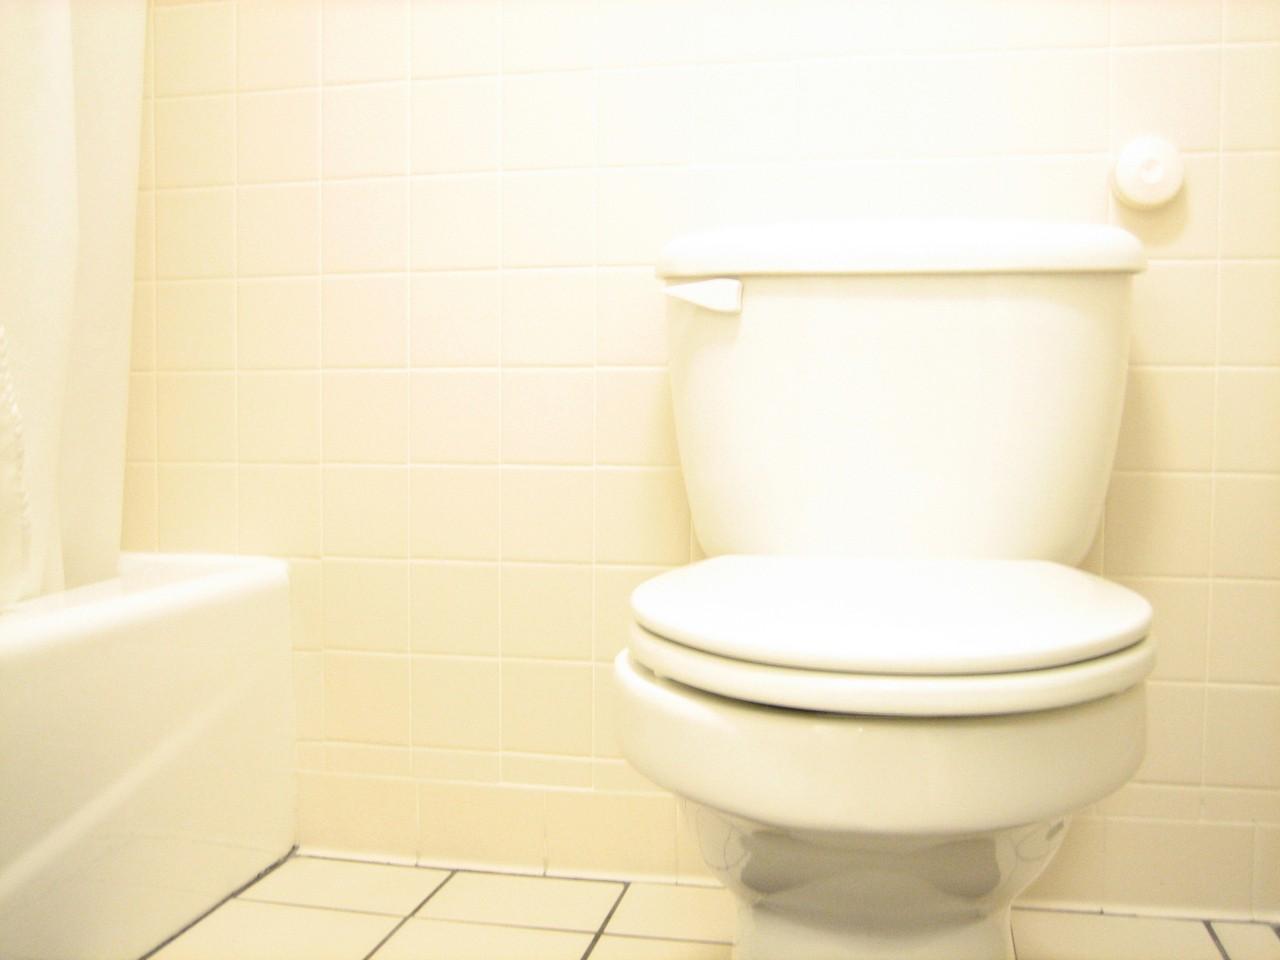 Wyposaż Swoją łazienkę Muszle Klozetowe Come To Help